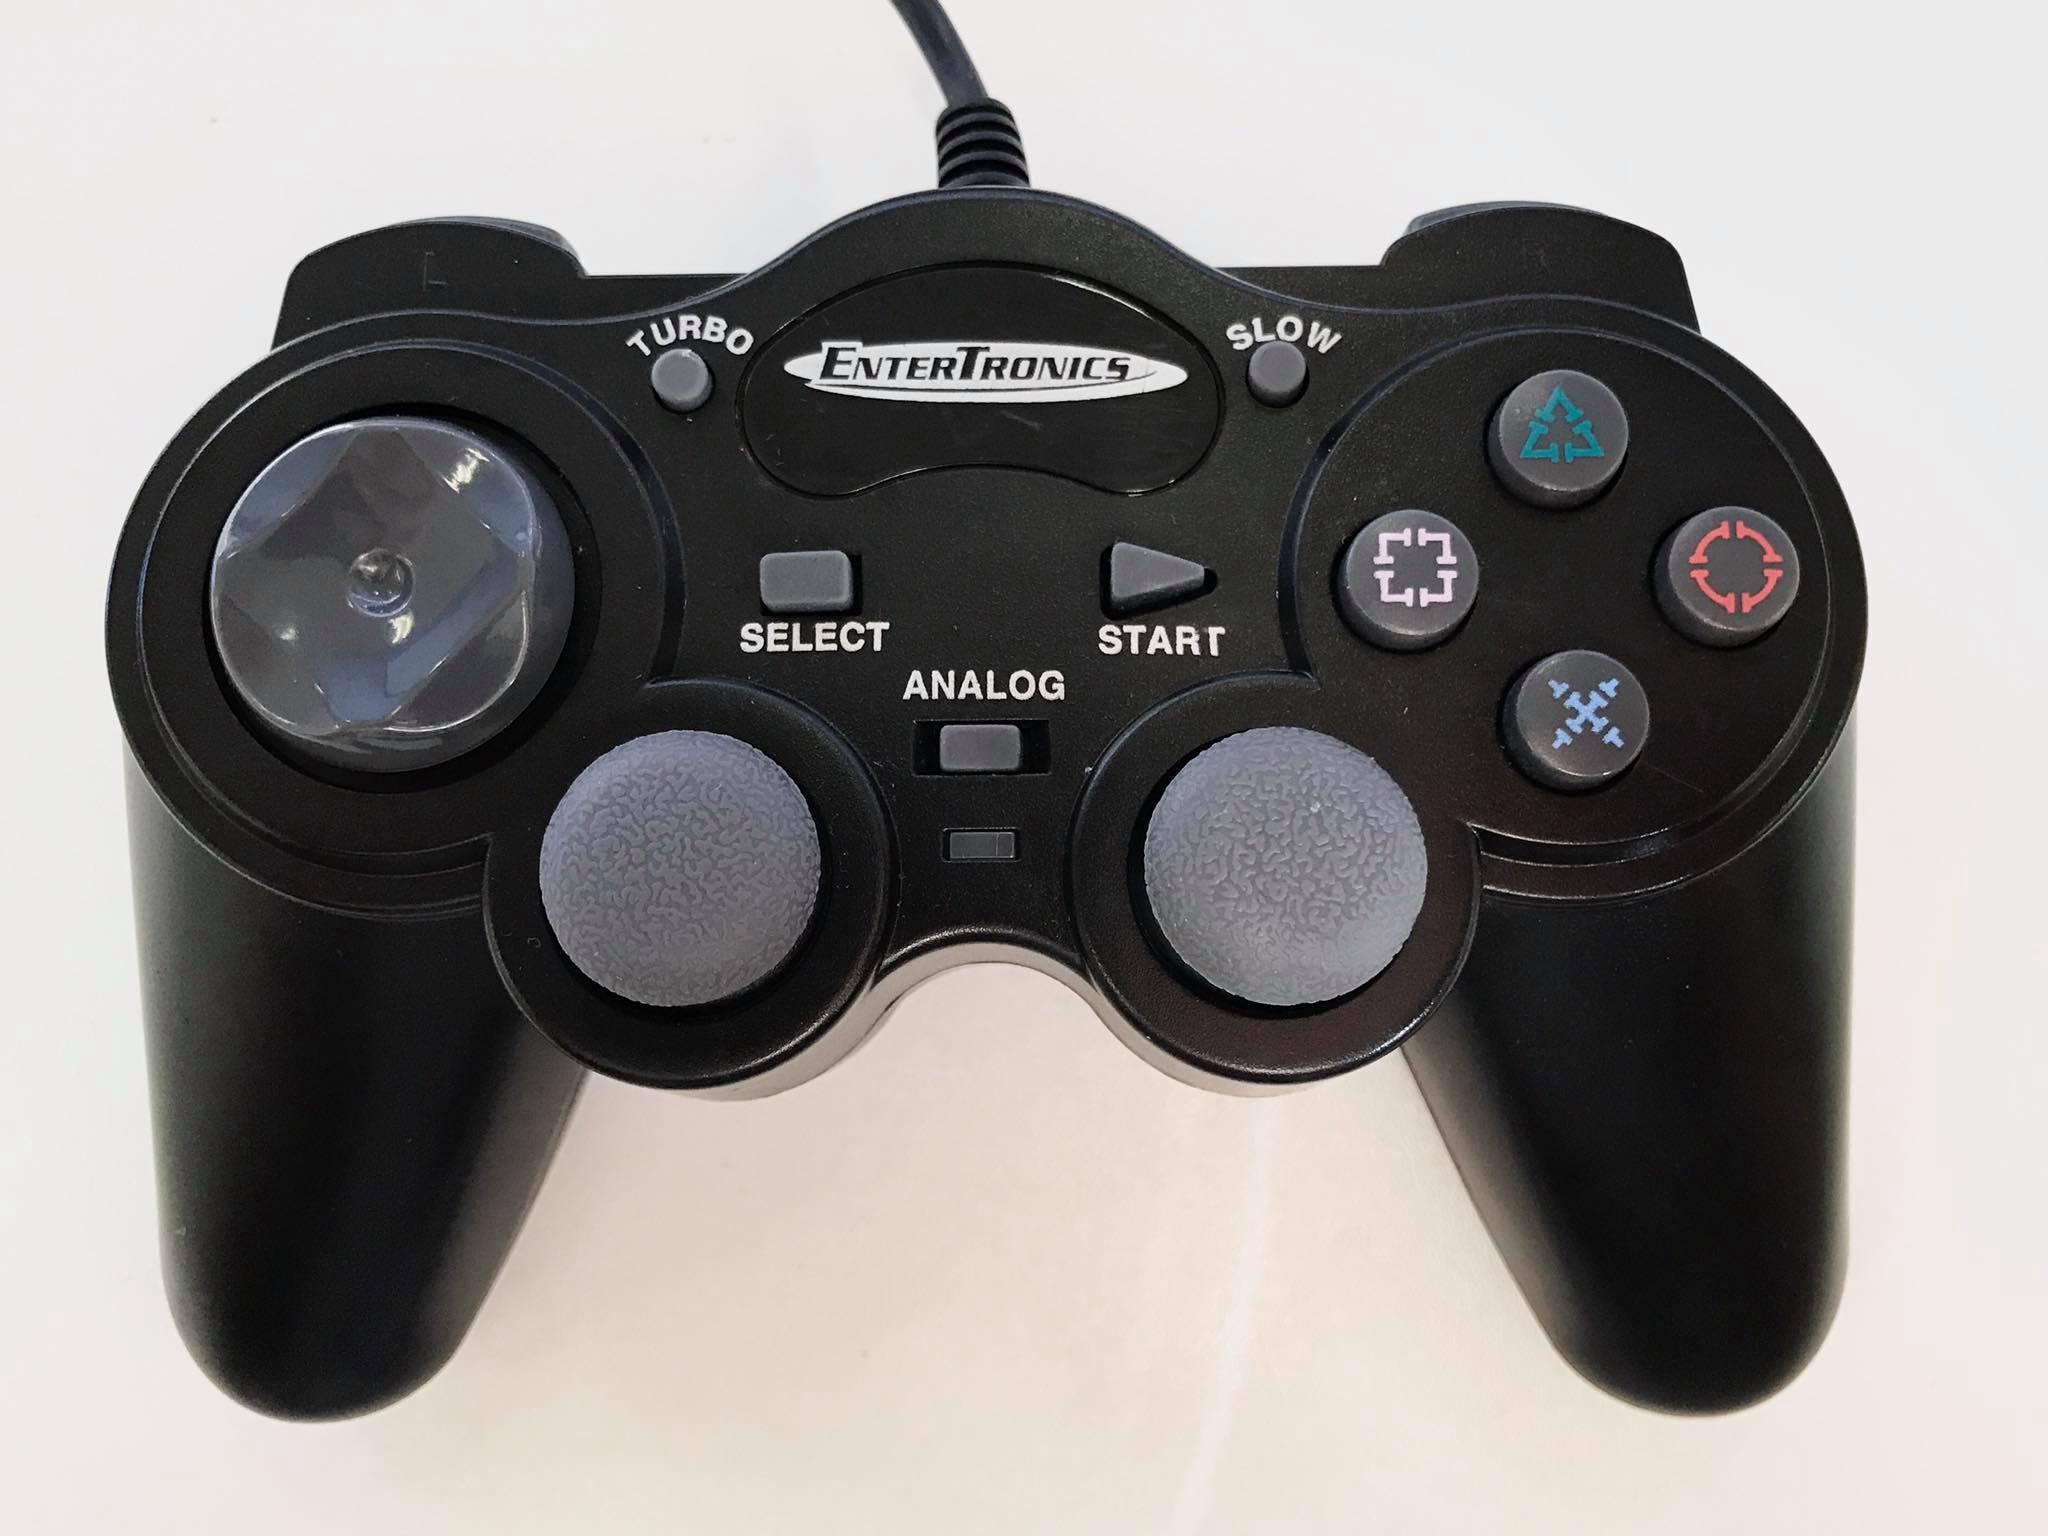 [PS2] Drátový Ovladač Entertronics - černý